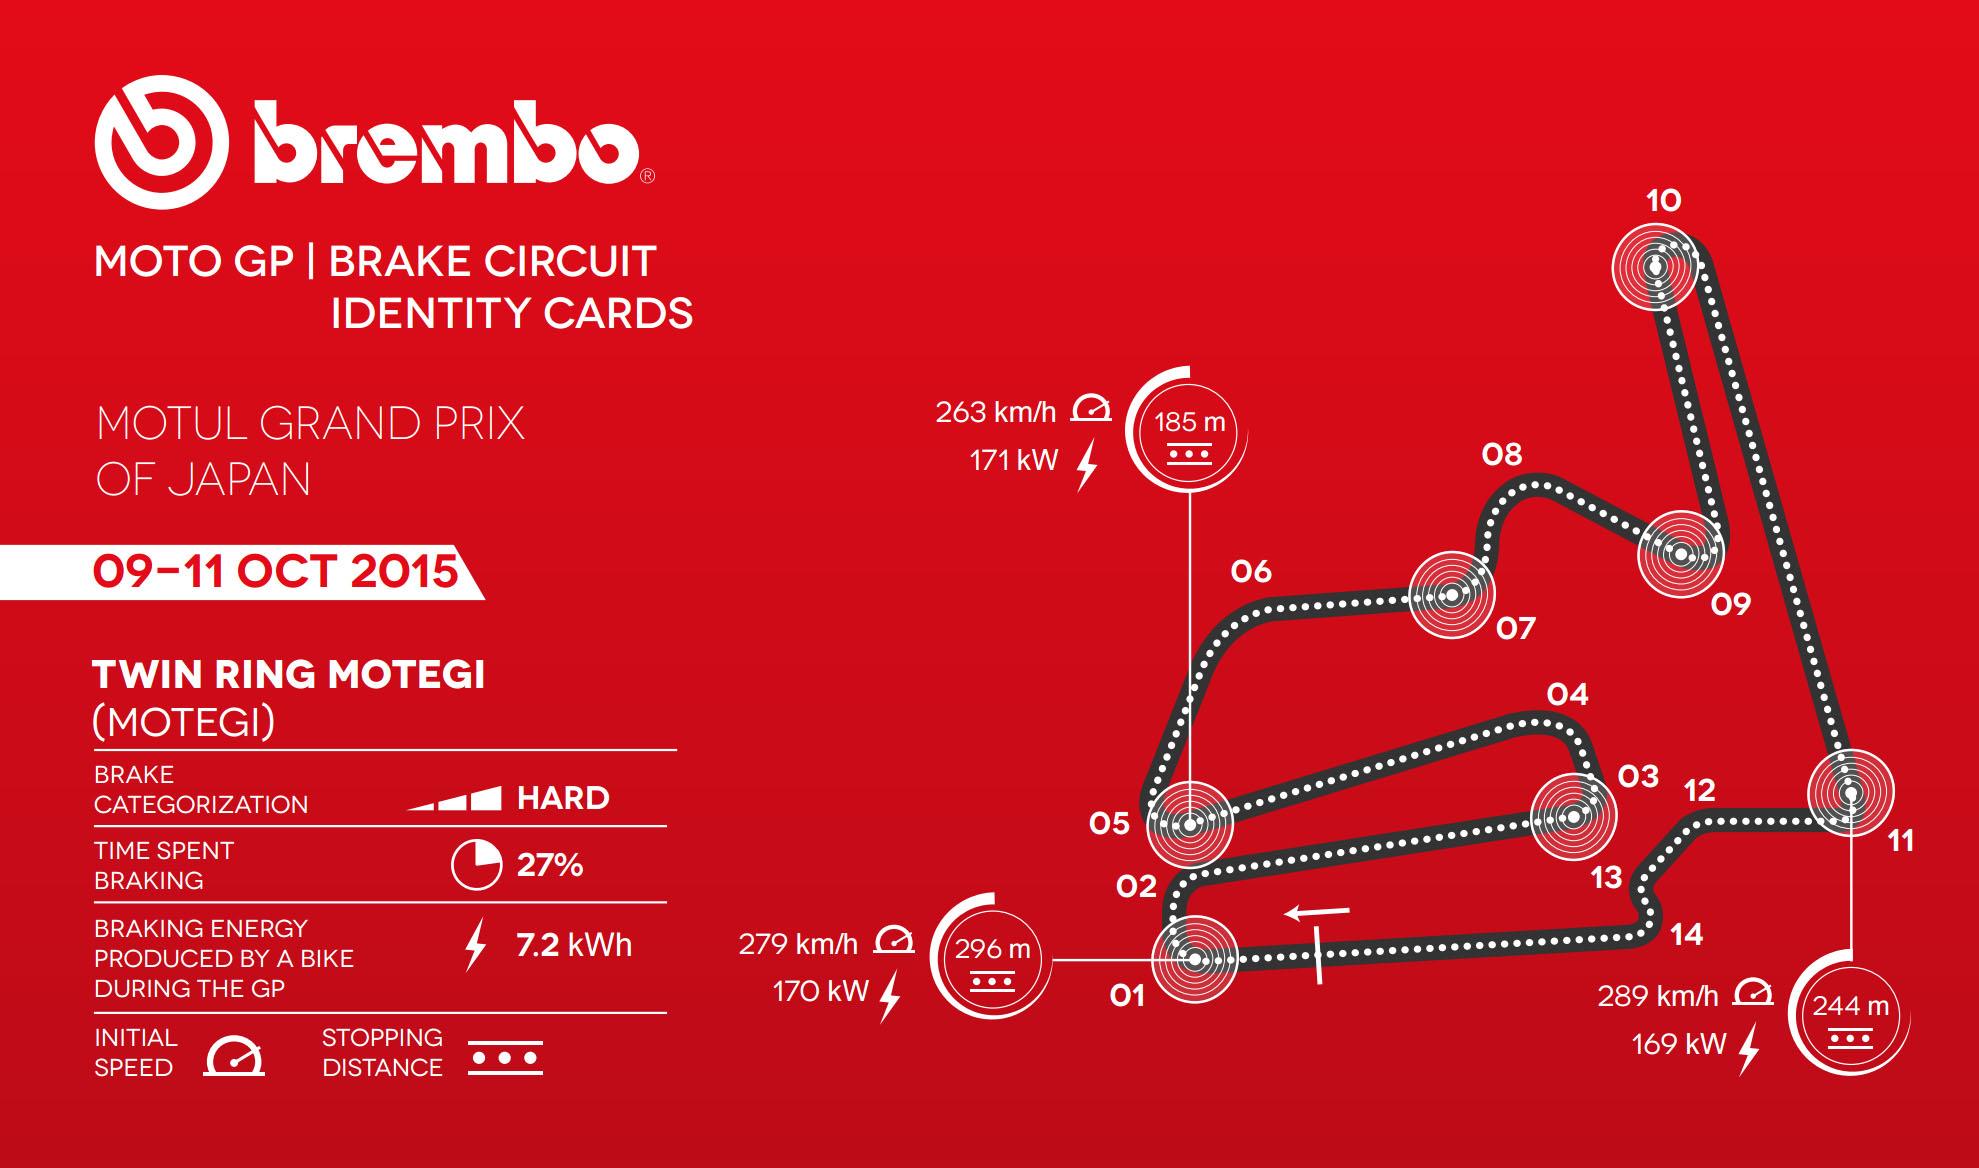 20161013_MotoGP_rd15_brembo_IC.jpg